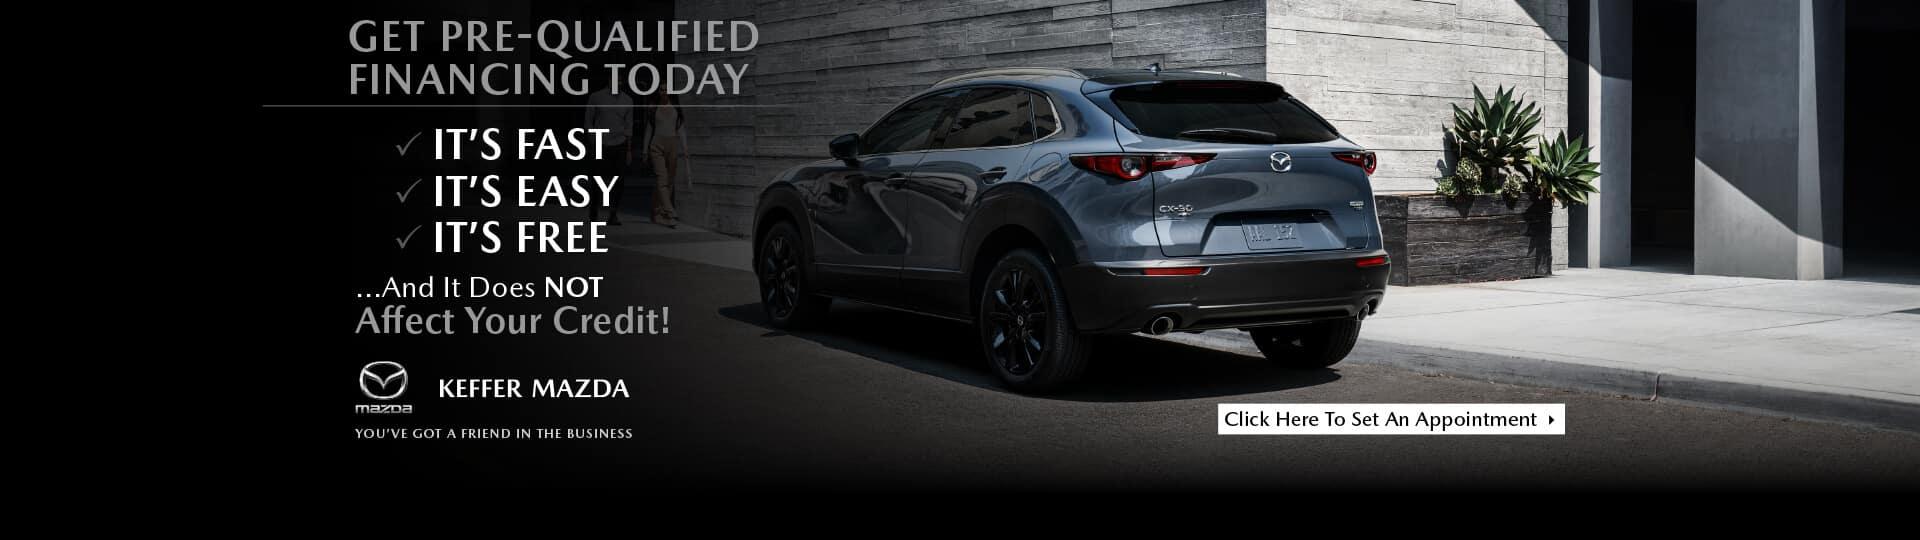 2021.08.25_Keffer-Mazda-EVGN-WEB-Resize_S53796ll-4